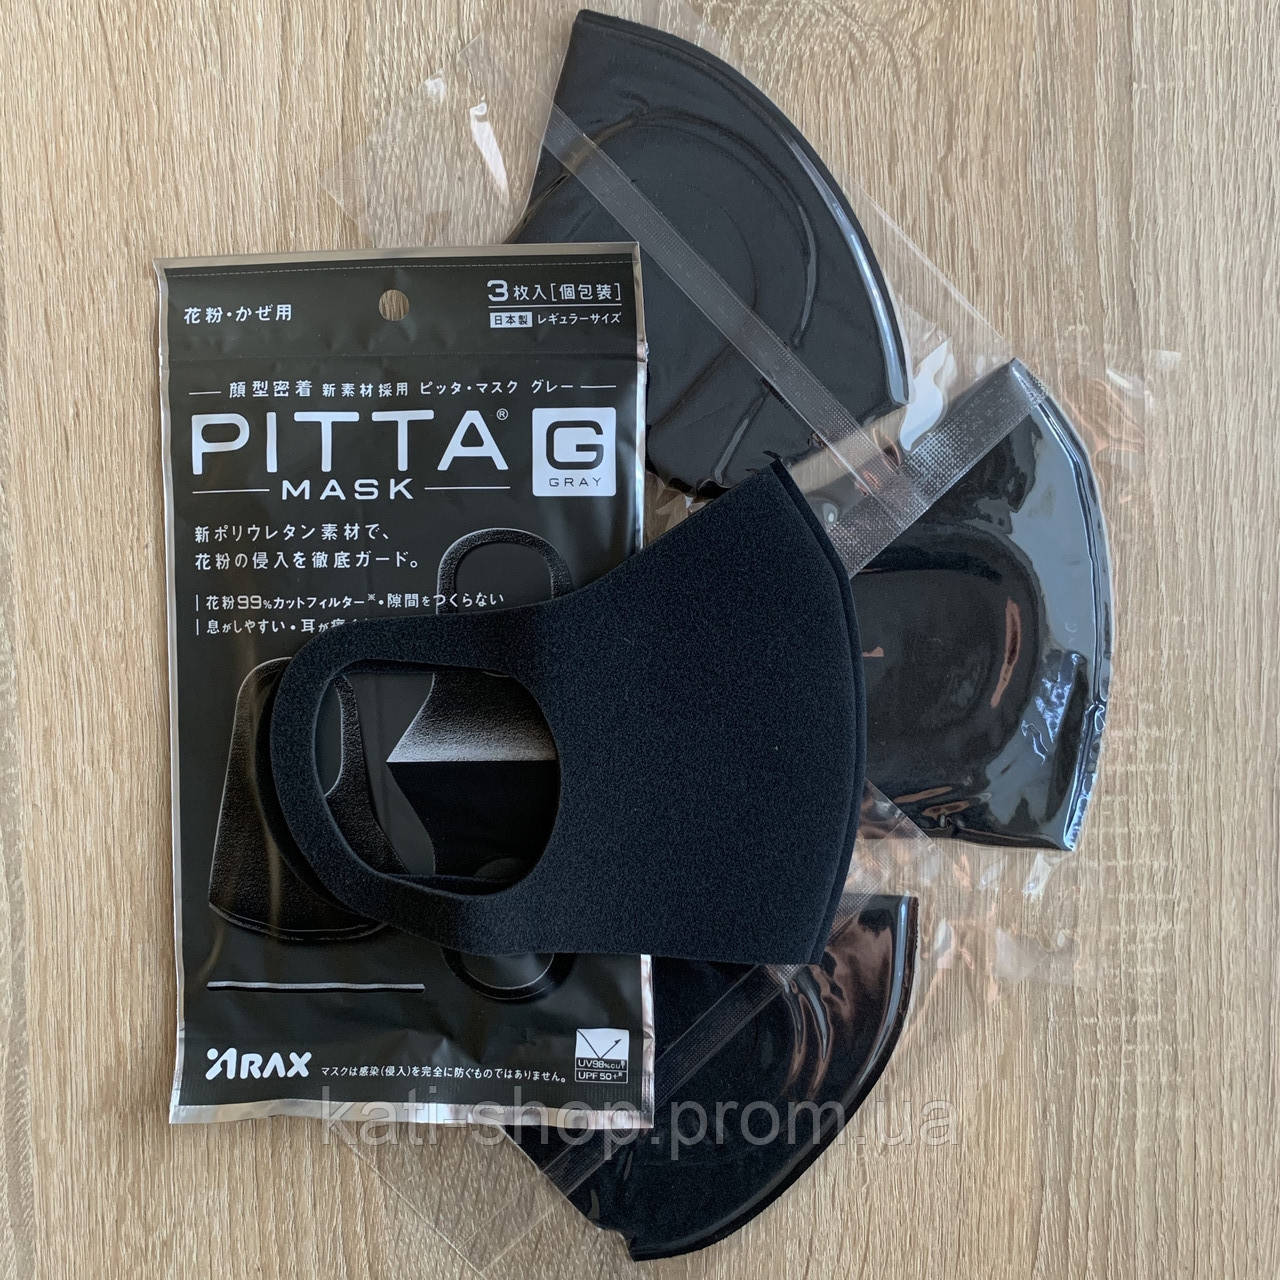 Маска многоразовая питта Arax Pitta Mask антибактериальные маски угольные 3 шт/уп